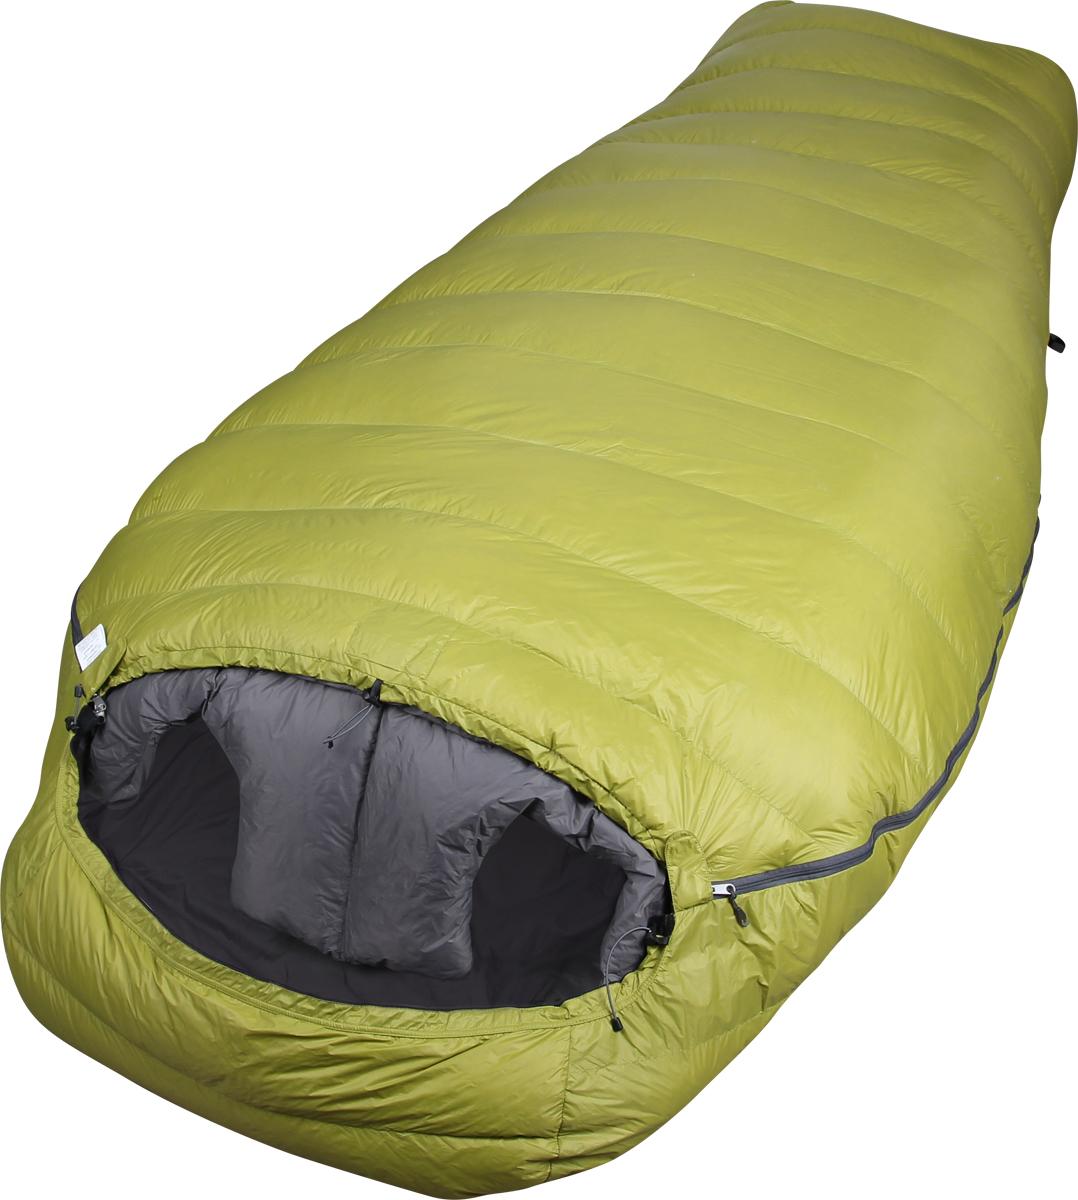 Мешок спальный Сплав Tandem Light, двухместный, цвет: зеленый, 230 x 120 x 73 см4507751Сплав Tandem Light - сверхлёгкий тёплый комфортный двухместный пуховой спальный мешок.Несмотря на то, что идея этого спального мешка пришла из стиля light&fast, он непременно найдёт применение в самых разных ситуациях и спортивных направлениях благодаря совокупности своих выдающихся эксплуатационных характеристик. Tandem Light – это идеальное решение для тех, кто ищет возможность существенного снижения веса своего бивачного снаряжения без ущерба комфорту для двоих. Конструкция спального мешка позволяет двум обитателям пользоваться температурным преимуществом совместного размещения в одном спальнике, сохраняя при этом эффективную теплоизоляцию, обеспечиваемую тёплым воротником сложной формы. Молнии с обеих сторон спальника позволяют покинуть мешок и вернуться в него, не беспокоя соседа.Тип конструкции: кокон.Сквозные швы.Молнии неразъёмные однозамковые с внутренними планками, утеплёнными Primaloft, расположены с двух боков спальника.Шейный пакет сложной формы, способствующей снижению поступления холодного воздуха в спальный мешок между людьми..Регулировка капюшона шнуром.Анатомическая форма мешка в районе ступней.Увеличенная норма набивки секций в районе ступней.Два внутренних кармана на молнии.Петли для просушки.Упаковка: компрессионный мешок в комплекте.Материалы:Ткань верха: 100% нейлон 20D, 35 г/м2, Ripstop, DWR.Подкладка: 100% нейлон 20D, 36 г/м2, DWR.Утеплитель: Высококачественный серый гусиный пух Каригуз с гидрофобной обработкой Nikwax FP 680.Температурный режим (Для двух обитателей. Температуры ориентировочные, поскольку стандарт EN13537 не распространяется на двухместные спальные мешки):Комфорт: +2… -3° С.Экстрим: -18° С.Габариты и вес:Размеры: 230 х 120 х 73 см.Размеры в упакованном виде: диаметр 20 х 35 см.Размеры в сжатом виде: диаметр 20 х 23 см.Полный вес: 1,186 кг.Вес утеплителя: 522 г.Внимание! Длительное хранение в сжатом виде не рекомендуется. Упаковку в компресс